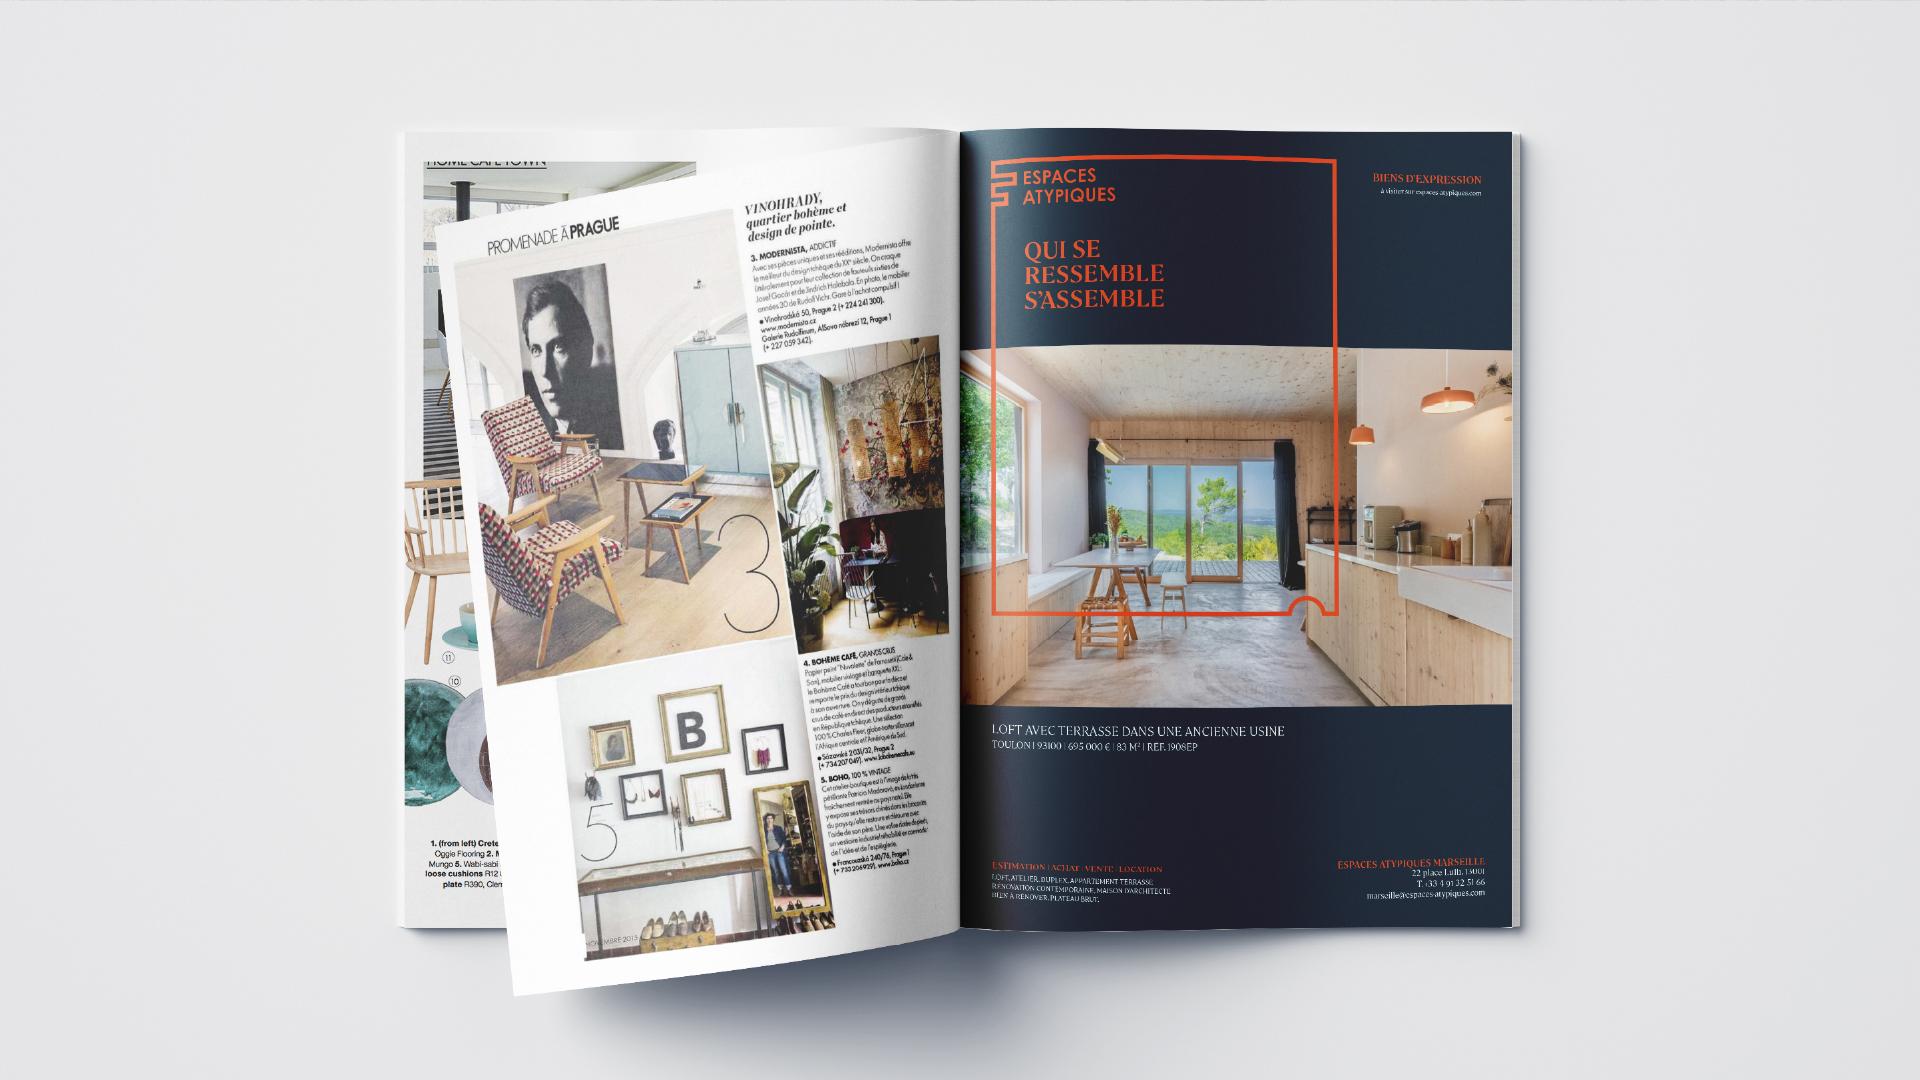 Brochure ouverte avec intégration espaces atypiques